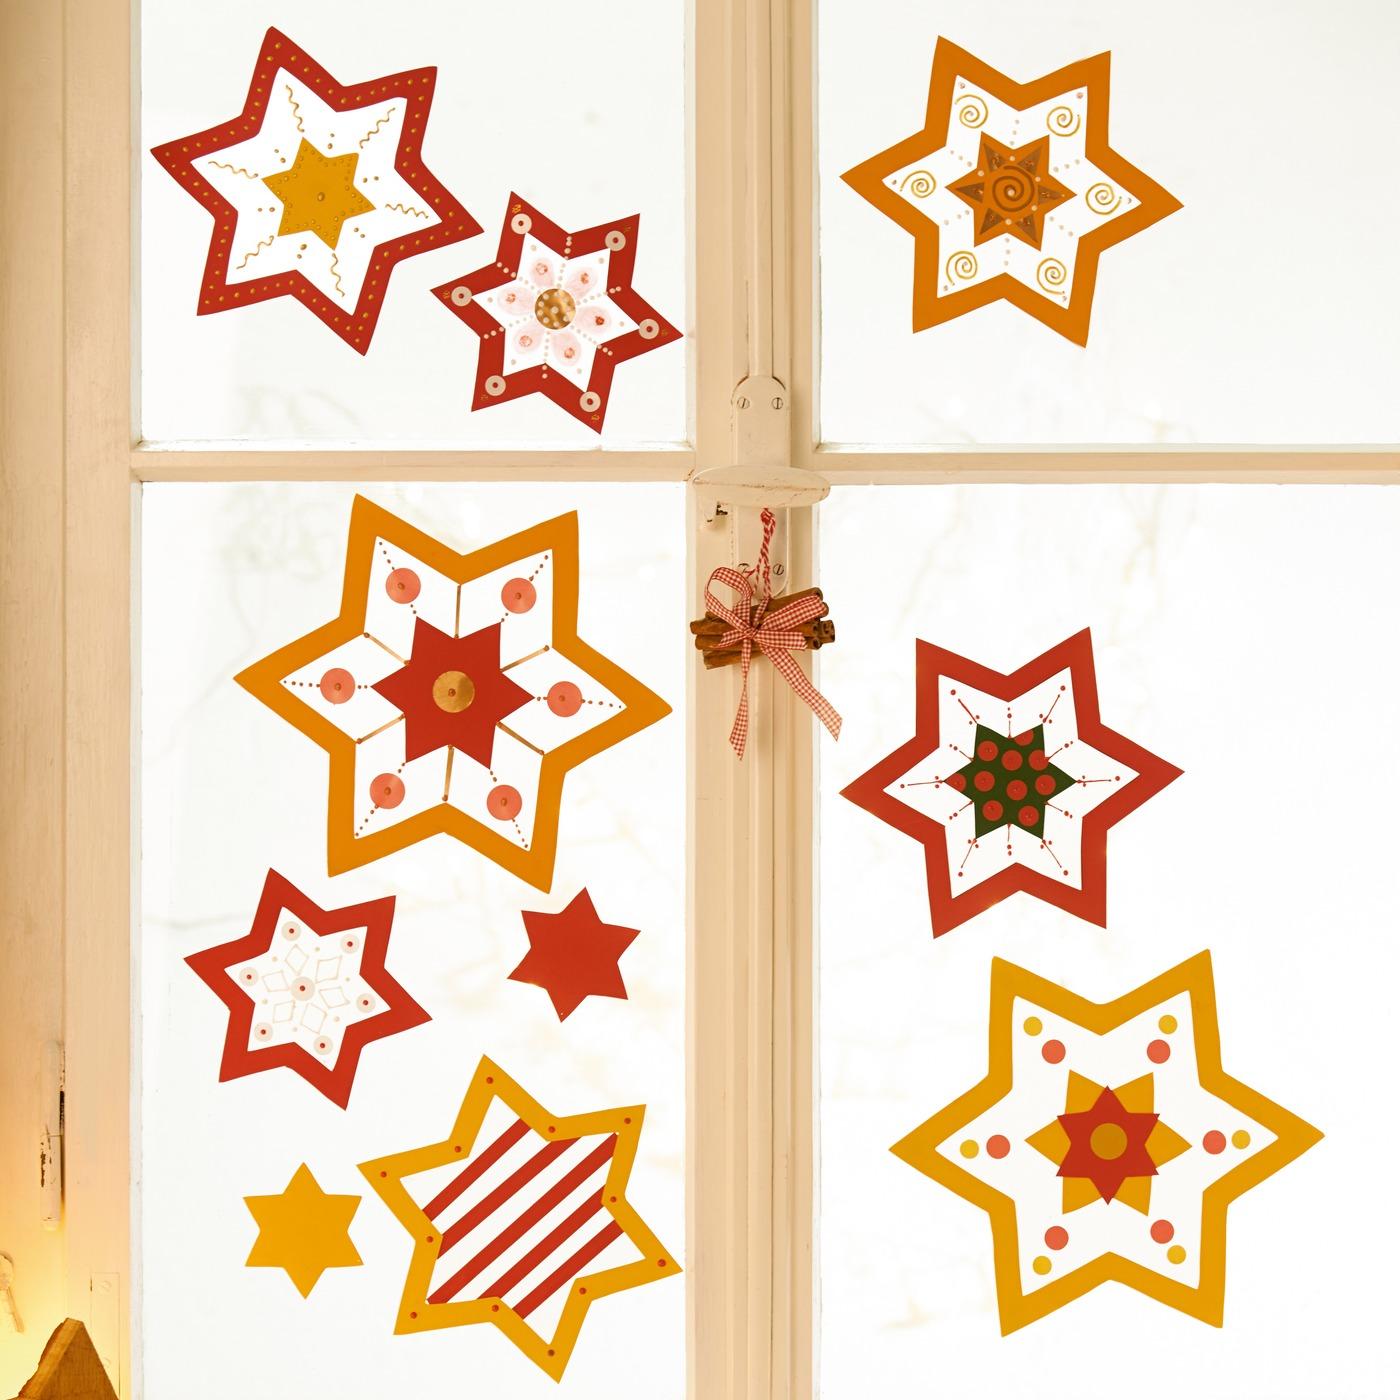 Hviezdičky na okno - urob si